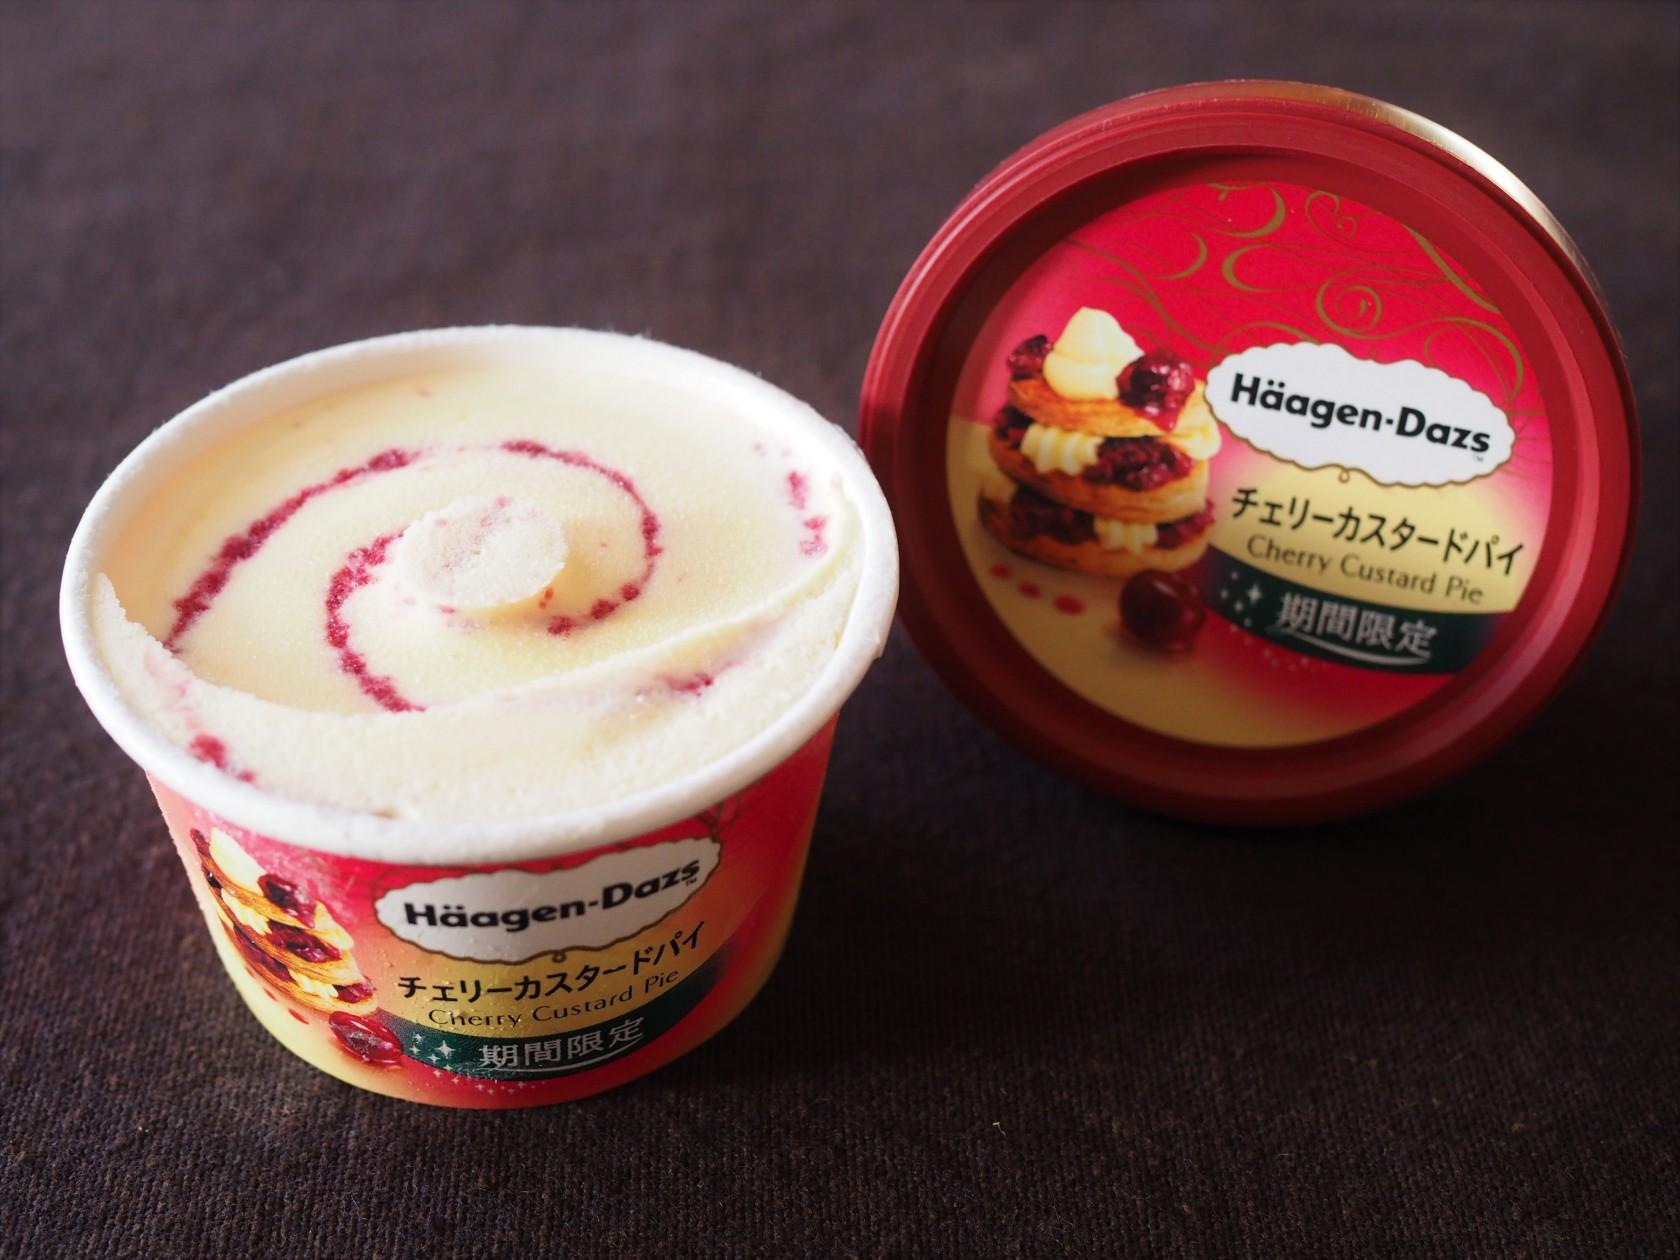 メープルを味わう♪ハーゲンダッツ「カナディアンメープル&ウォルナッツ」新発売